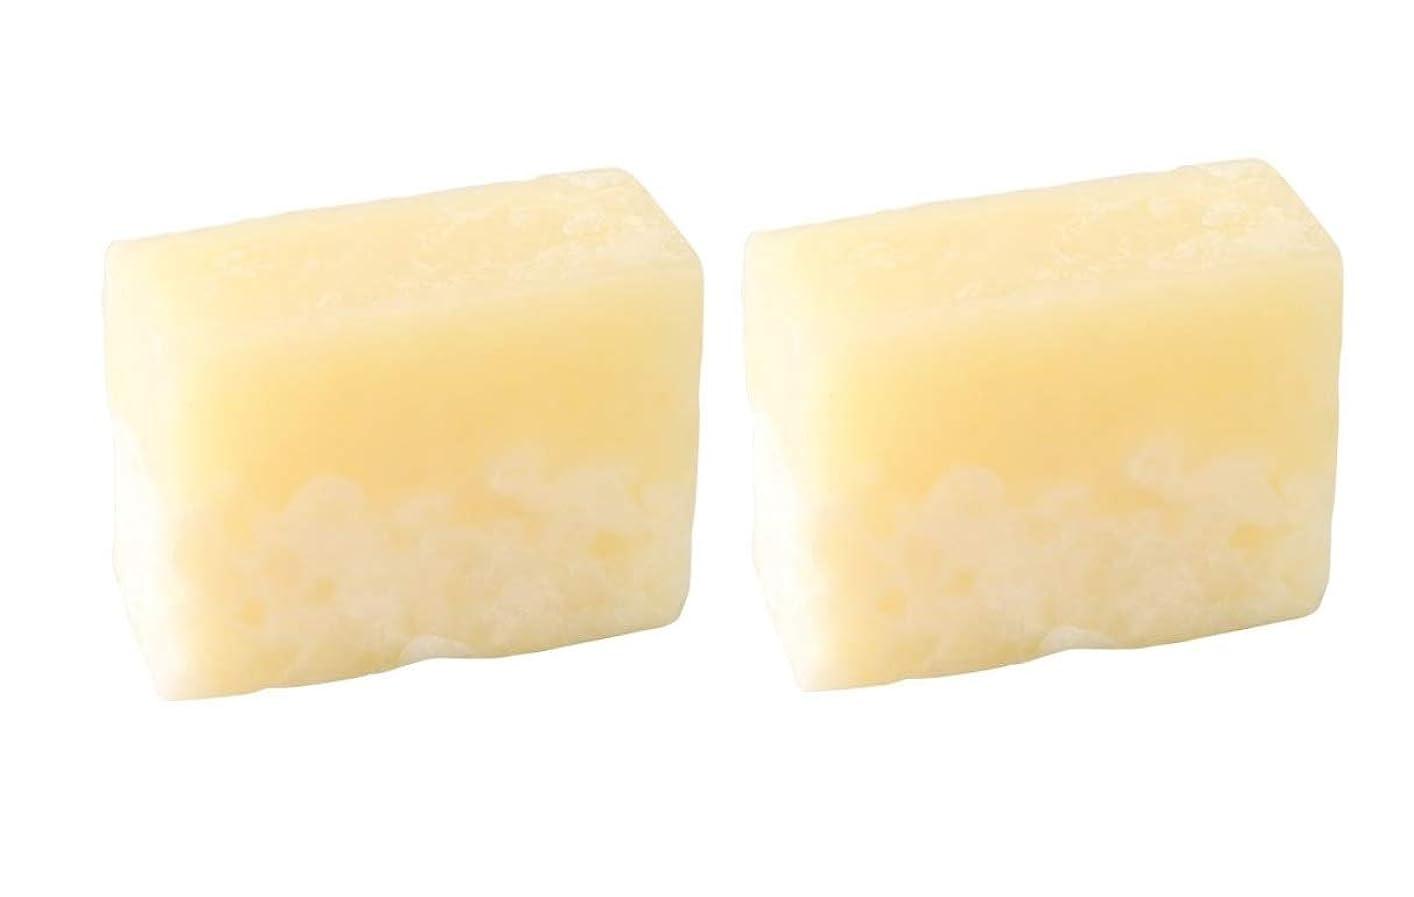 売るストレッチ泣いているLUSH ラッシュ ボヘミアン(100g)×2個セット レモンの爽やかな香りソープ